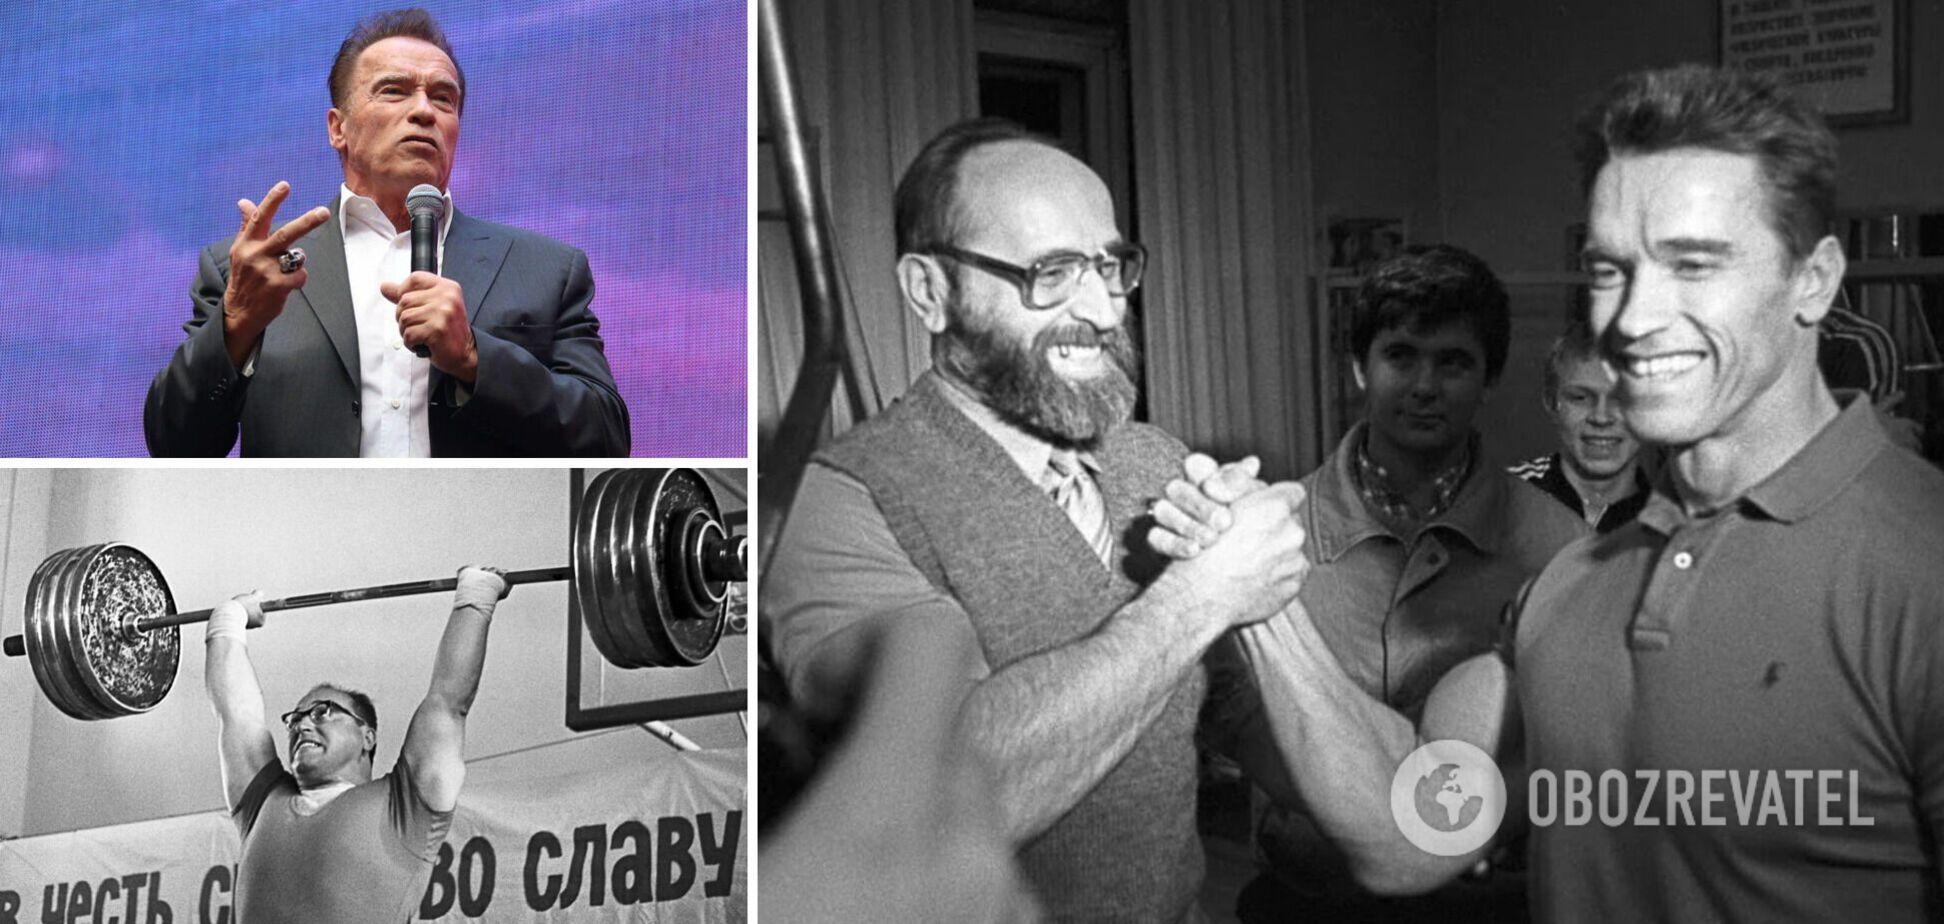 Юрій Власов і Арнольд Шварценеггер